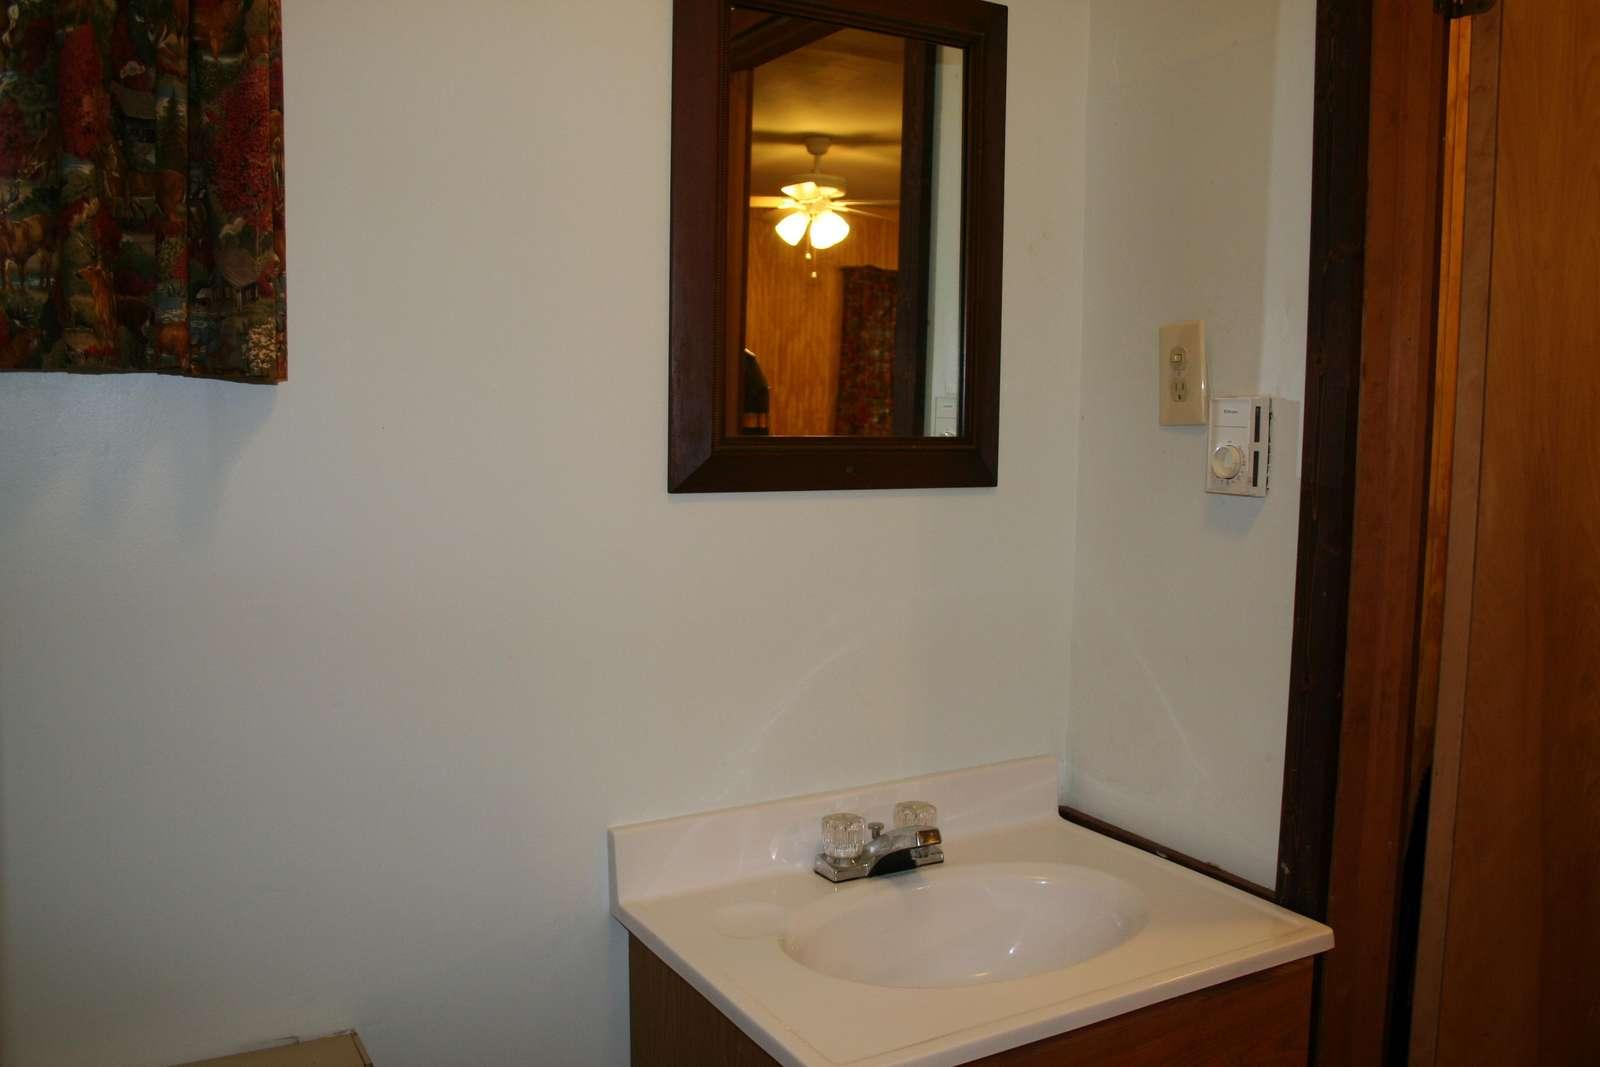 Annex Bathroom - Sink, Commode, Shower